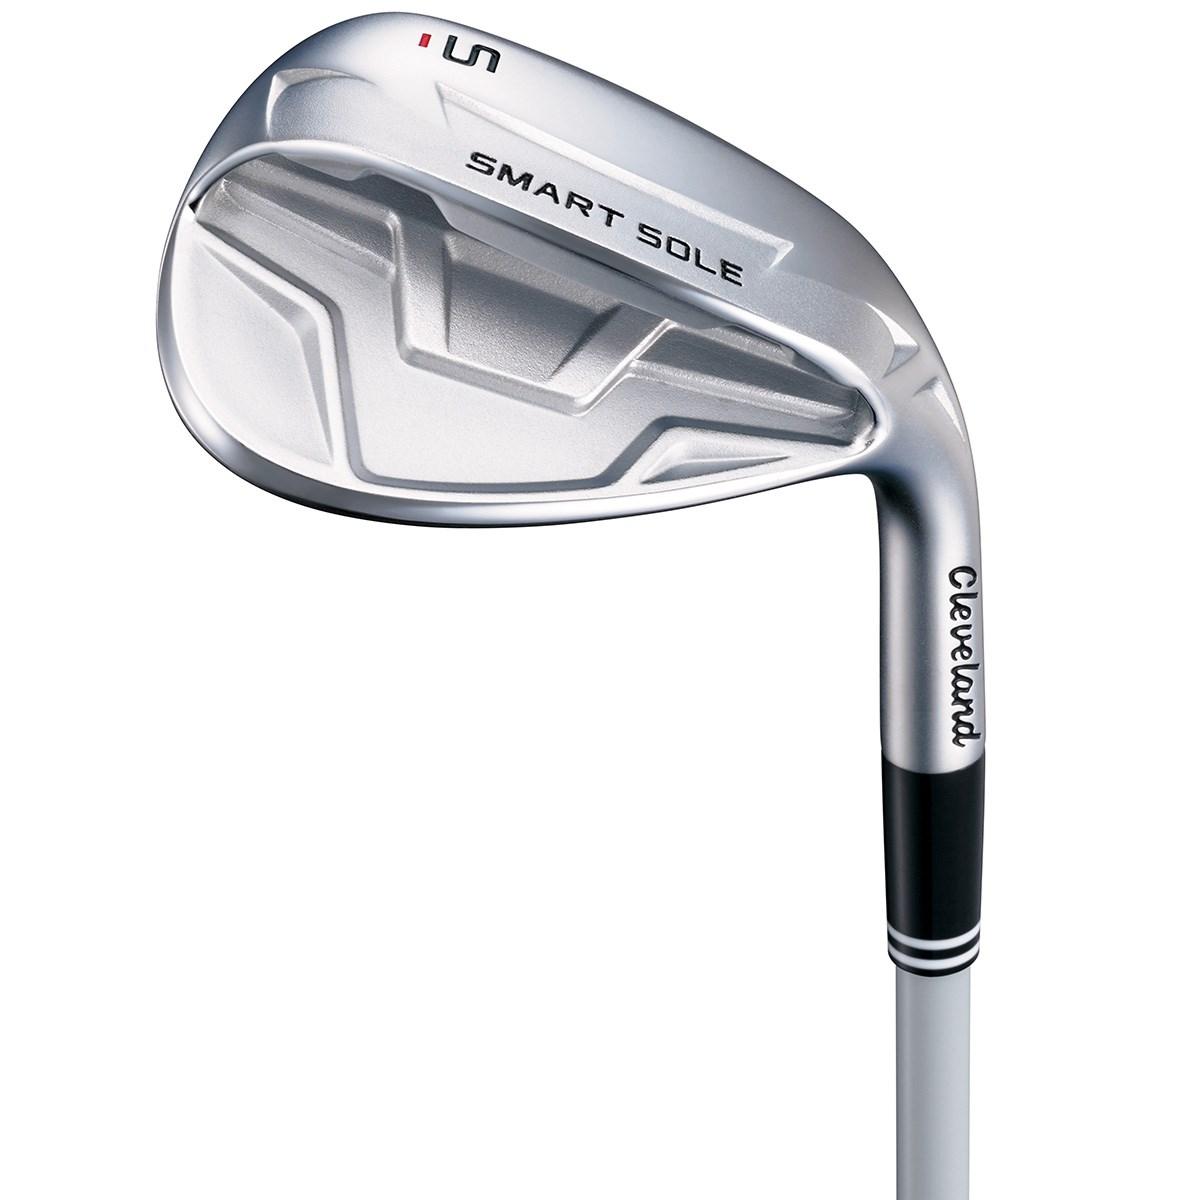 クリーブランド(Cleveland Golf) スマートソール 4 type-S ウェッジ アクションウルトラライトレディス